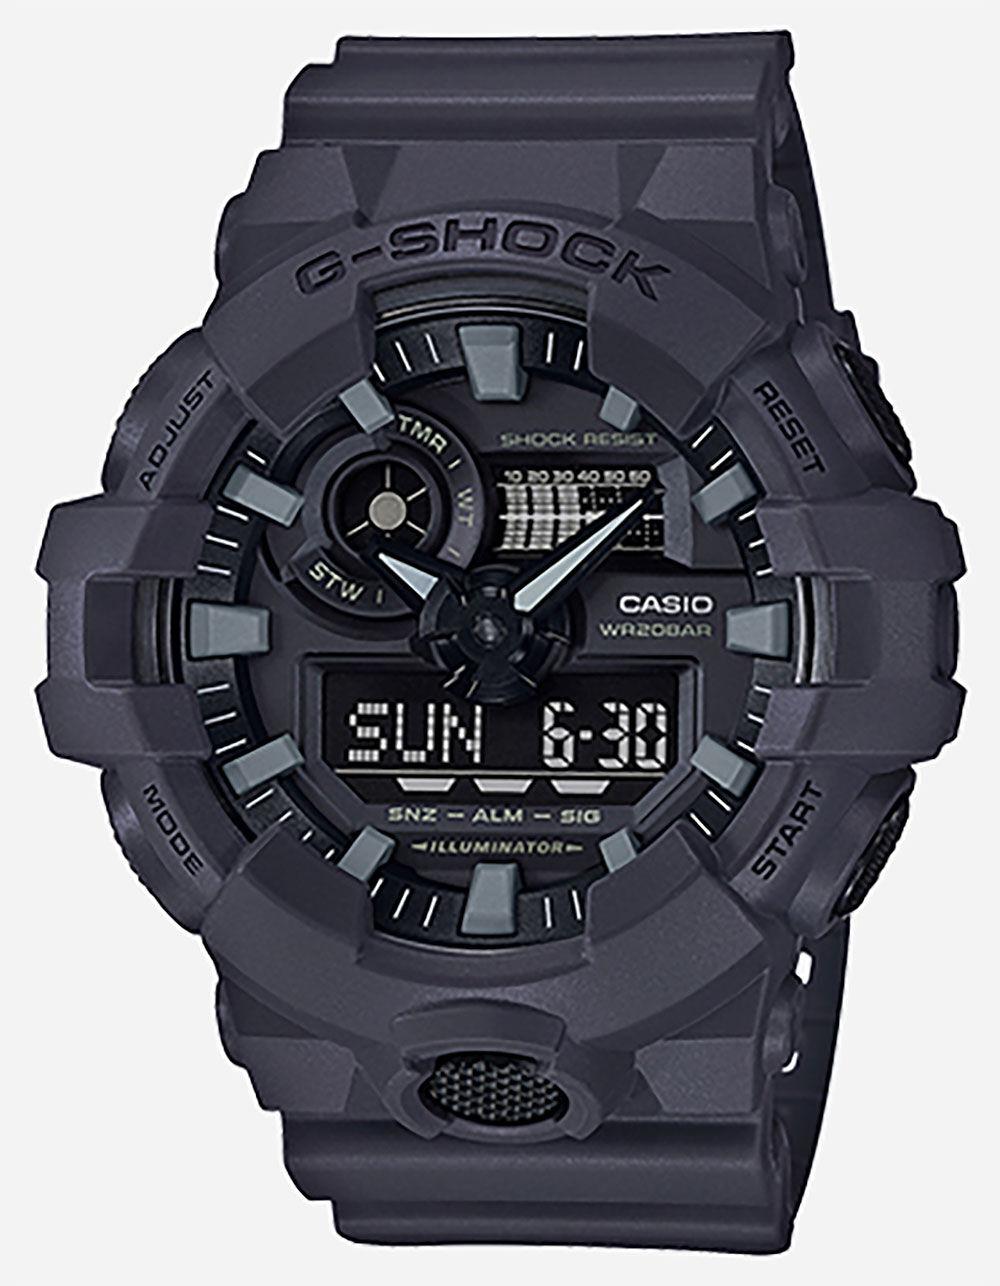 G-SHOCK GA700UC-8A Watch